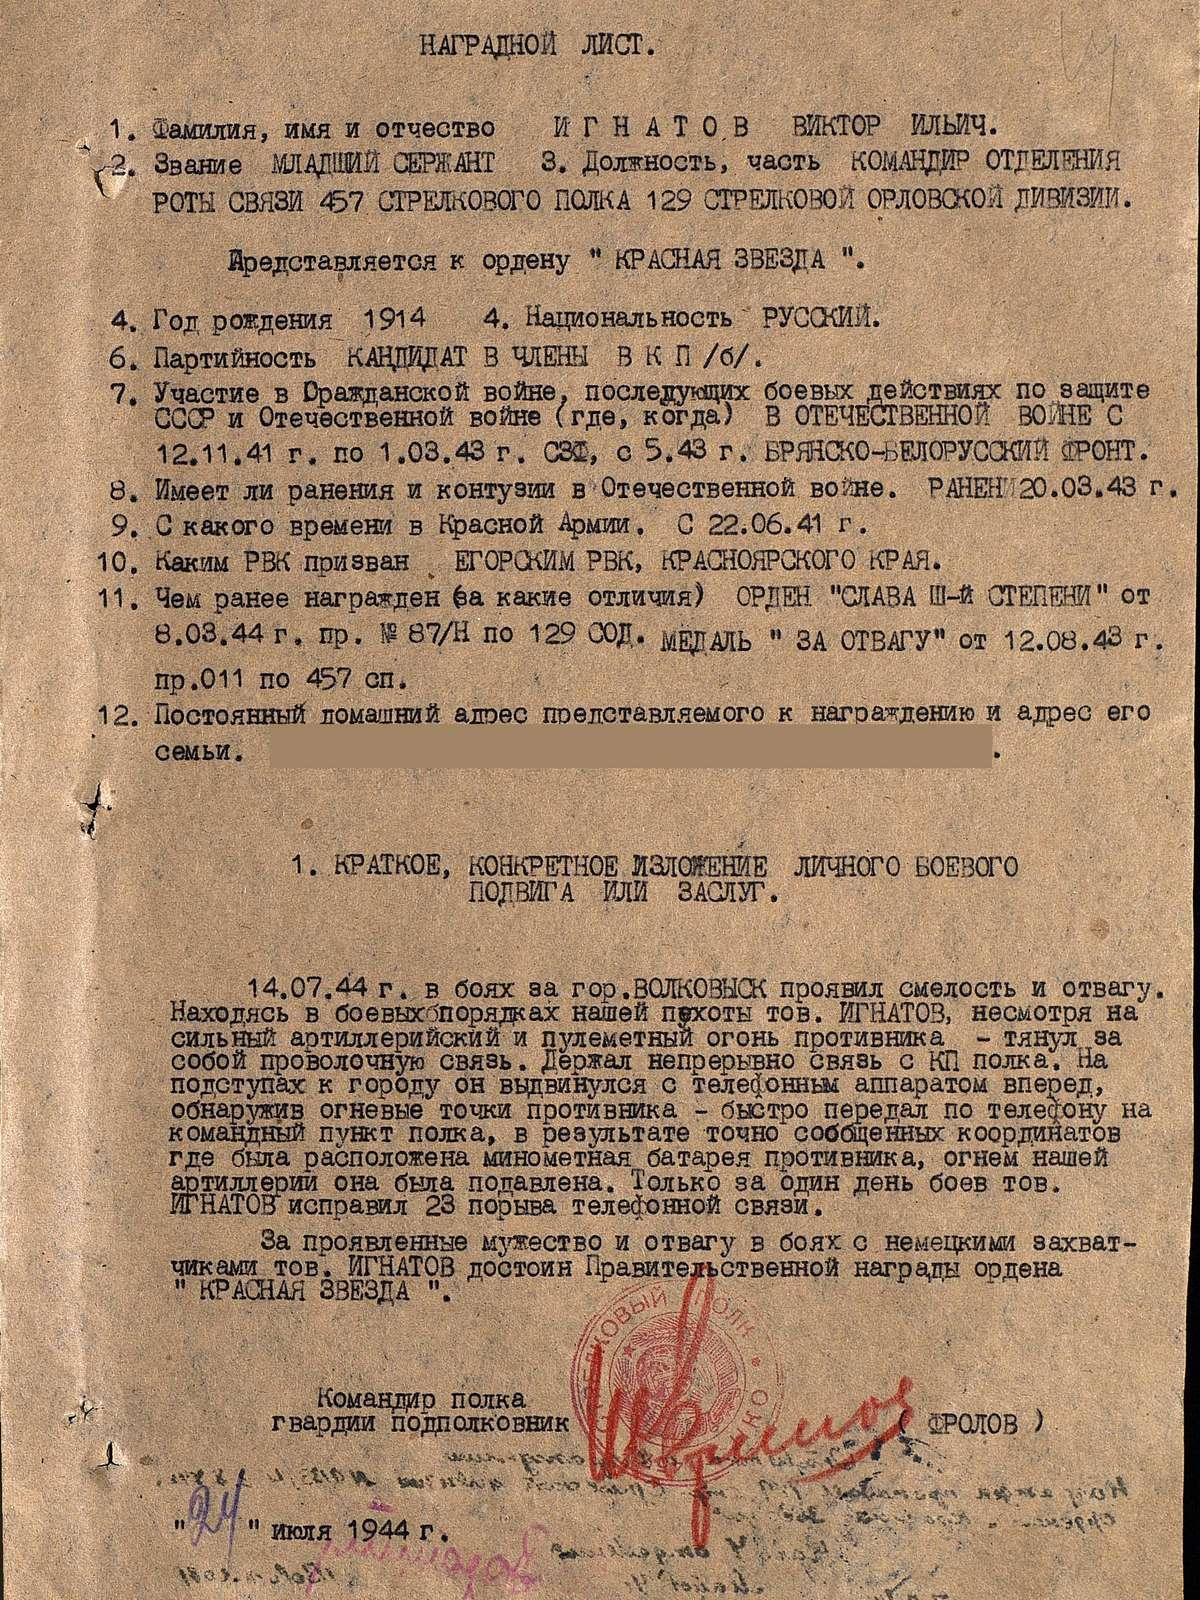 98-й гвардейский стрелковый полк латвия, 1944-1945